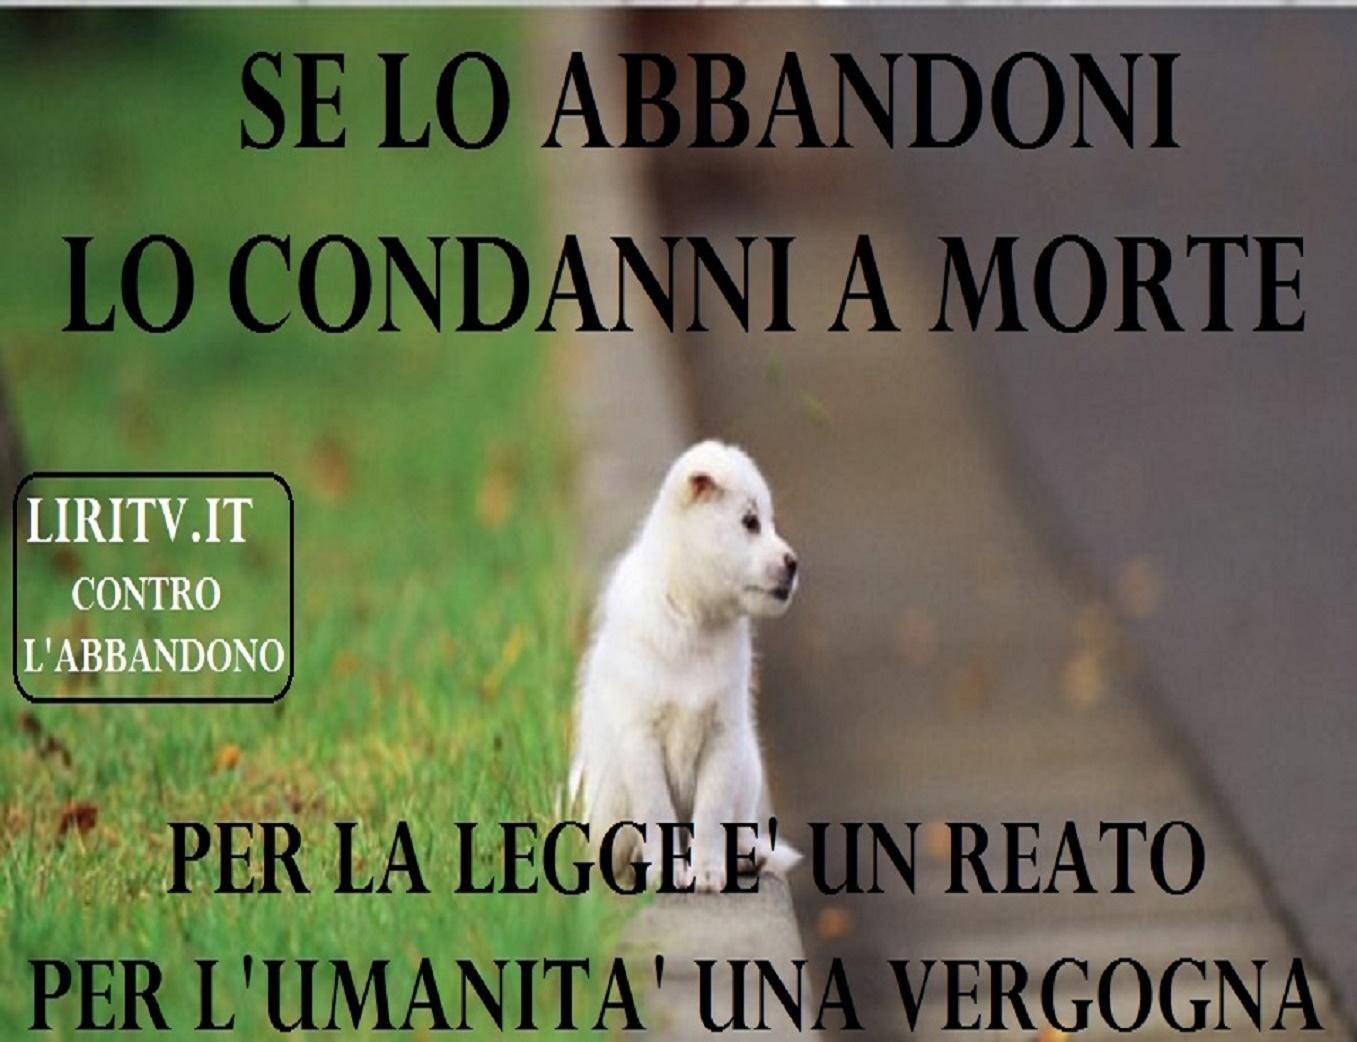 LIRITV CONTRO ABBANDONO CANI4